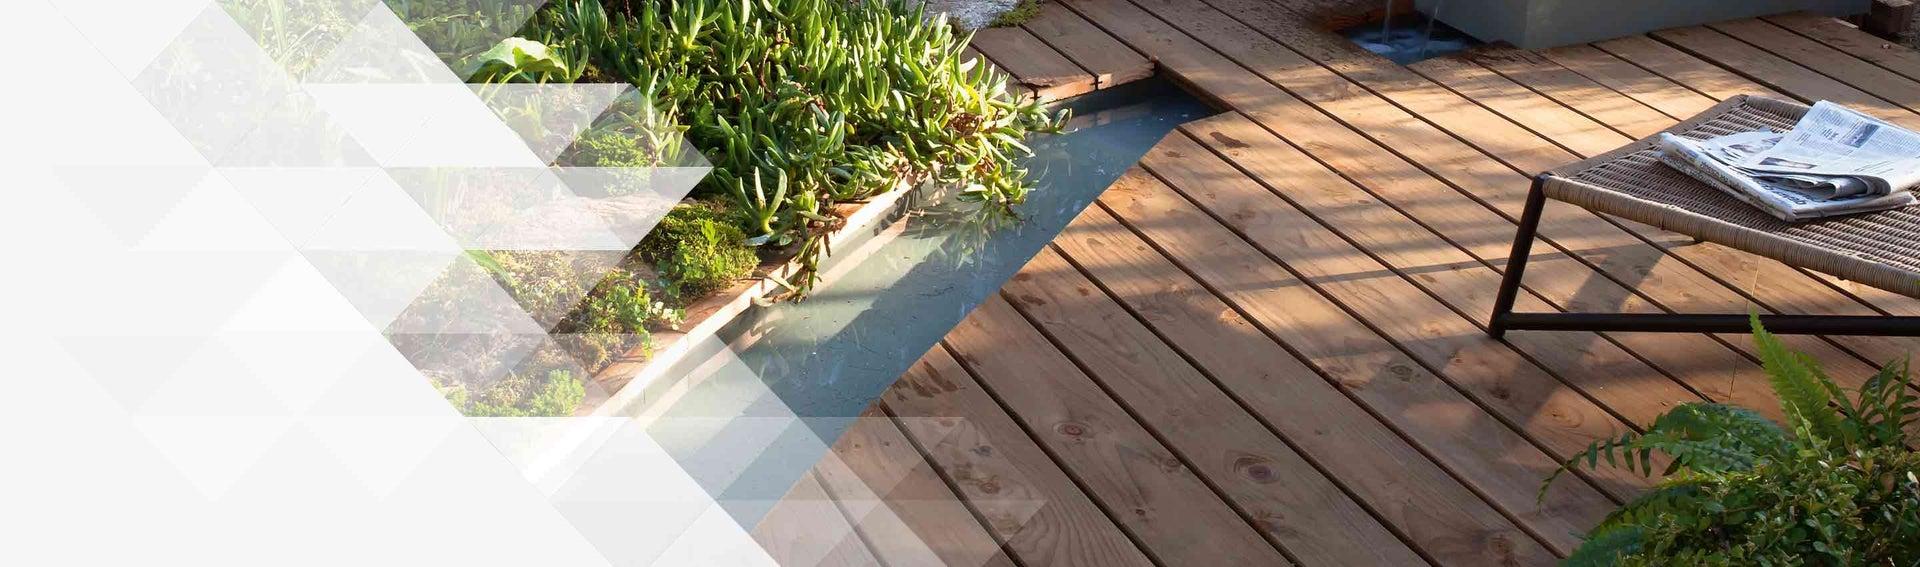 100 Incroyable Idées Sol En Bois Pour Terrasse